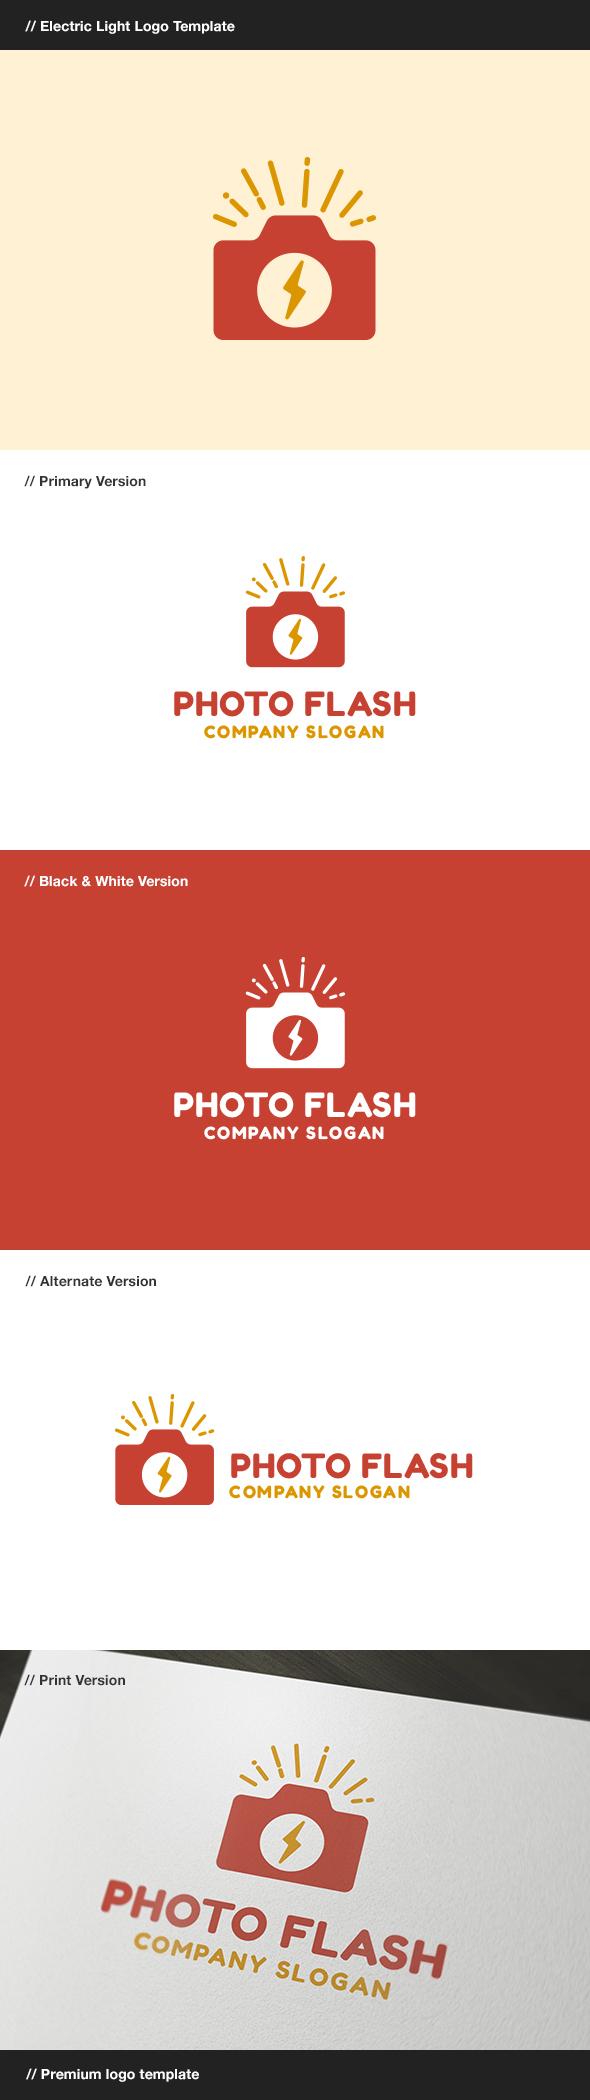 GraphicRiver Photo Flash 8021984